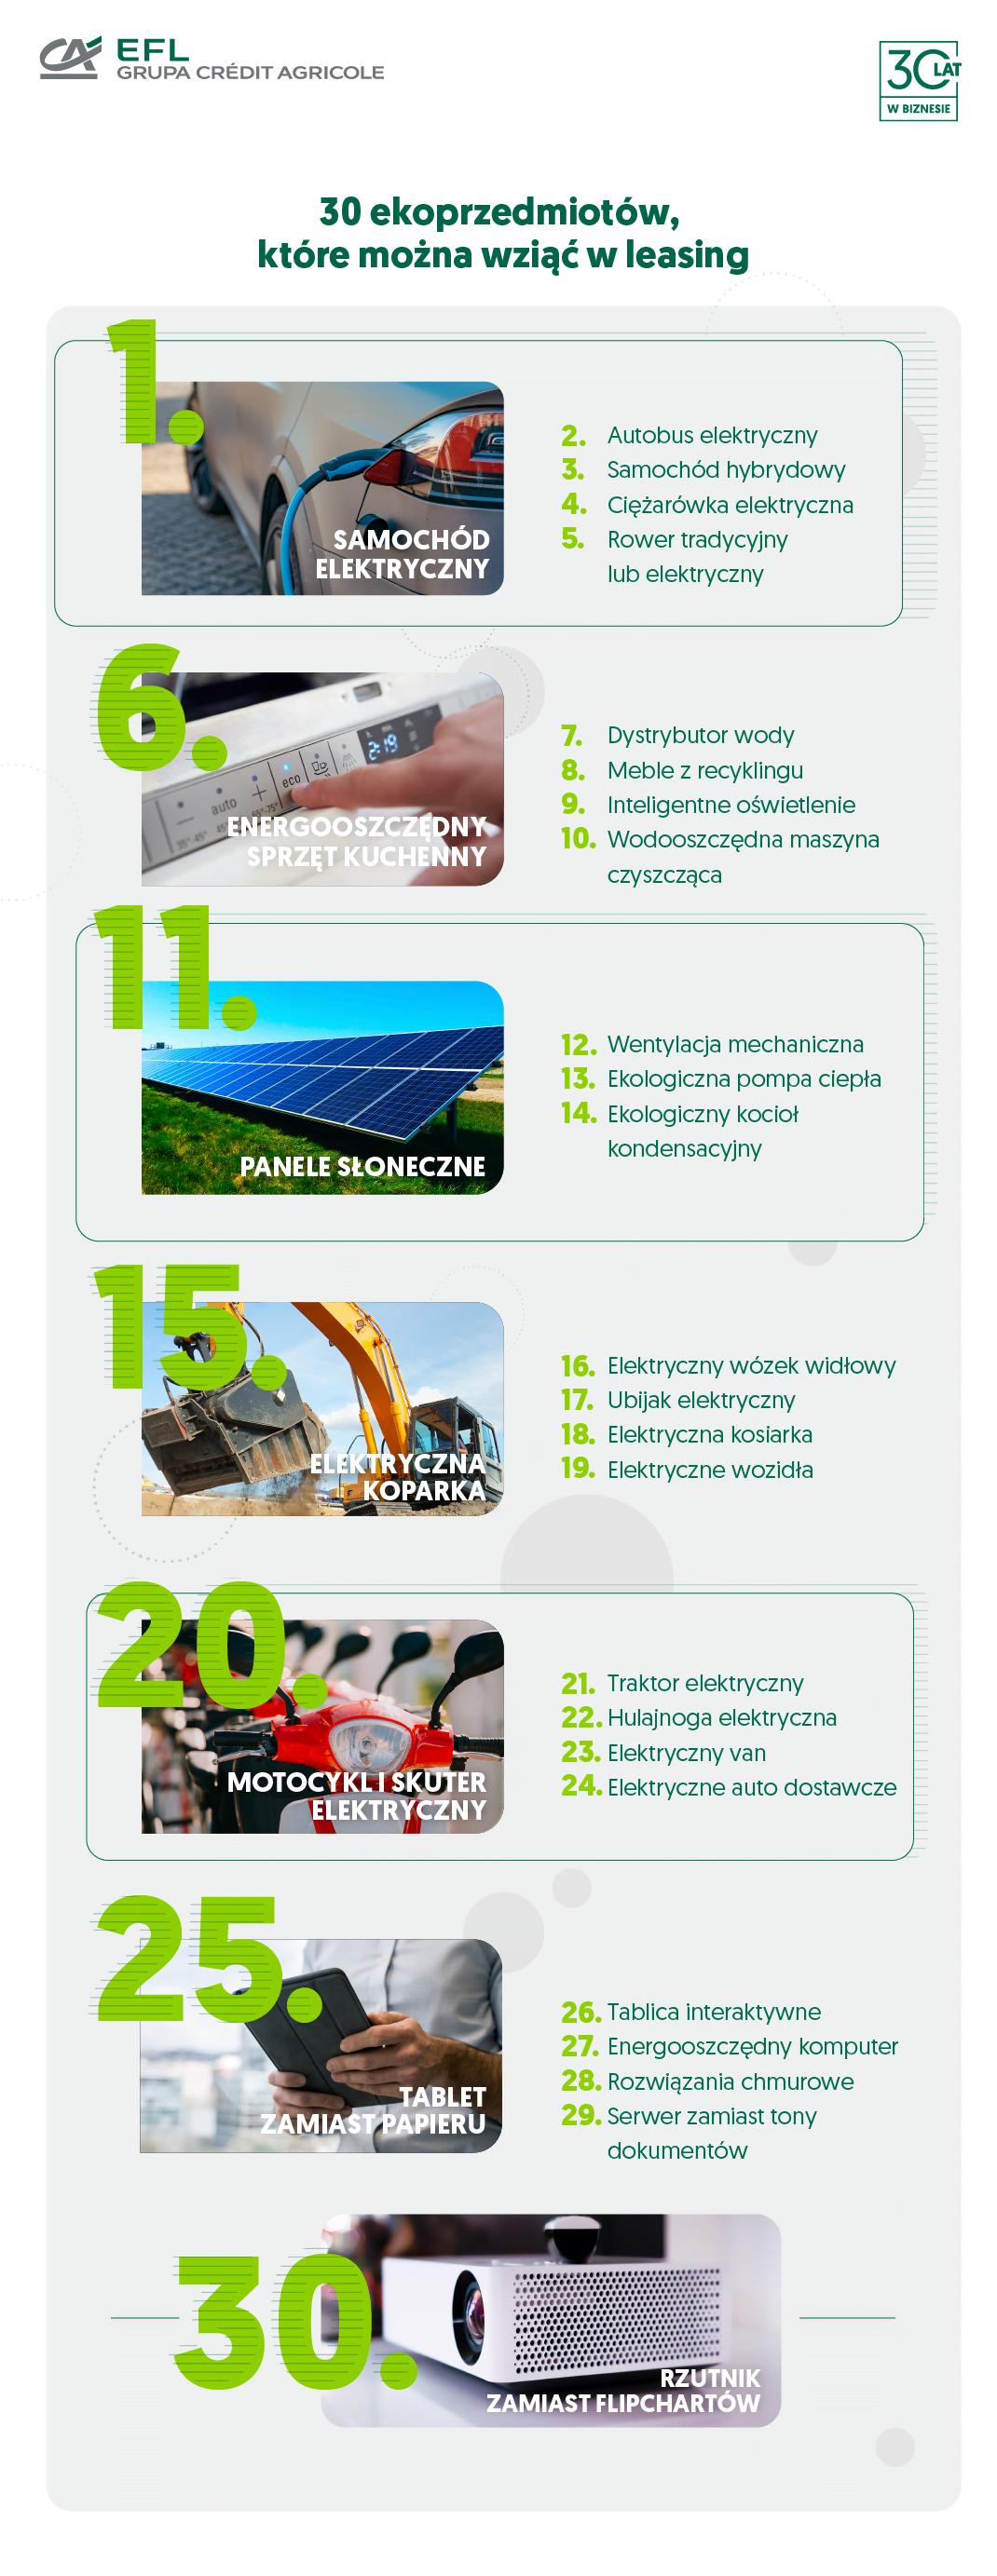 30 ekoprzedmiotów, które można wziąć w leasing - infografika z urządzeniami, sprzętami elektronicznymi.